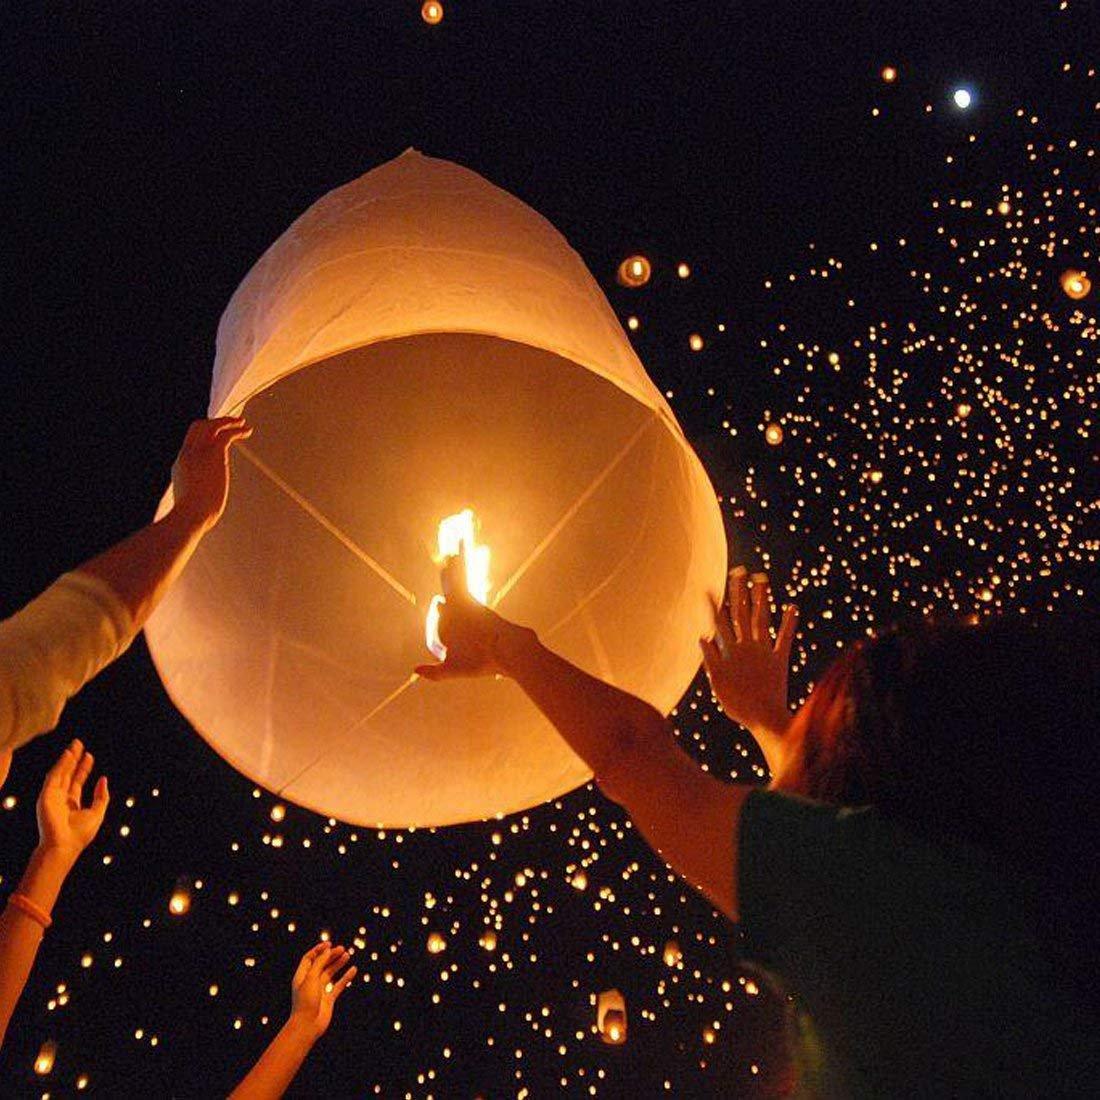 20 PCS Lanterne Volanti,Doris Direct 7 Colori Lanterne Volante Lanterne Cinesi-100/% Biodegradabile per Natale Capodanno Cinese Matrimonio e Festa Che Desiderano Luci Capodanno